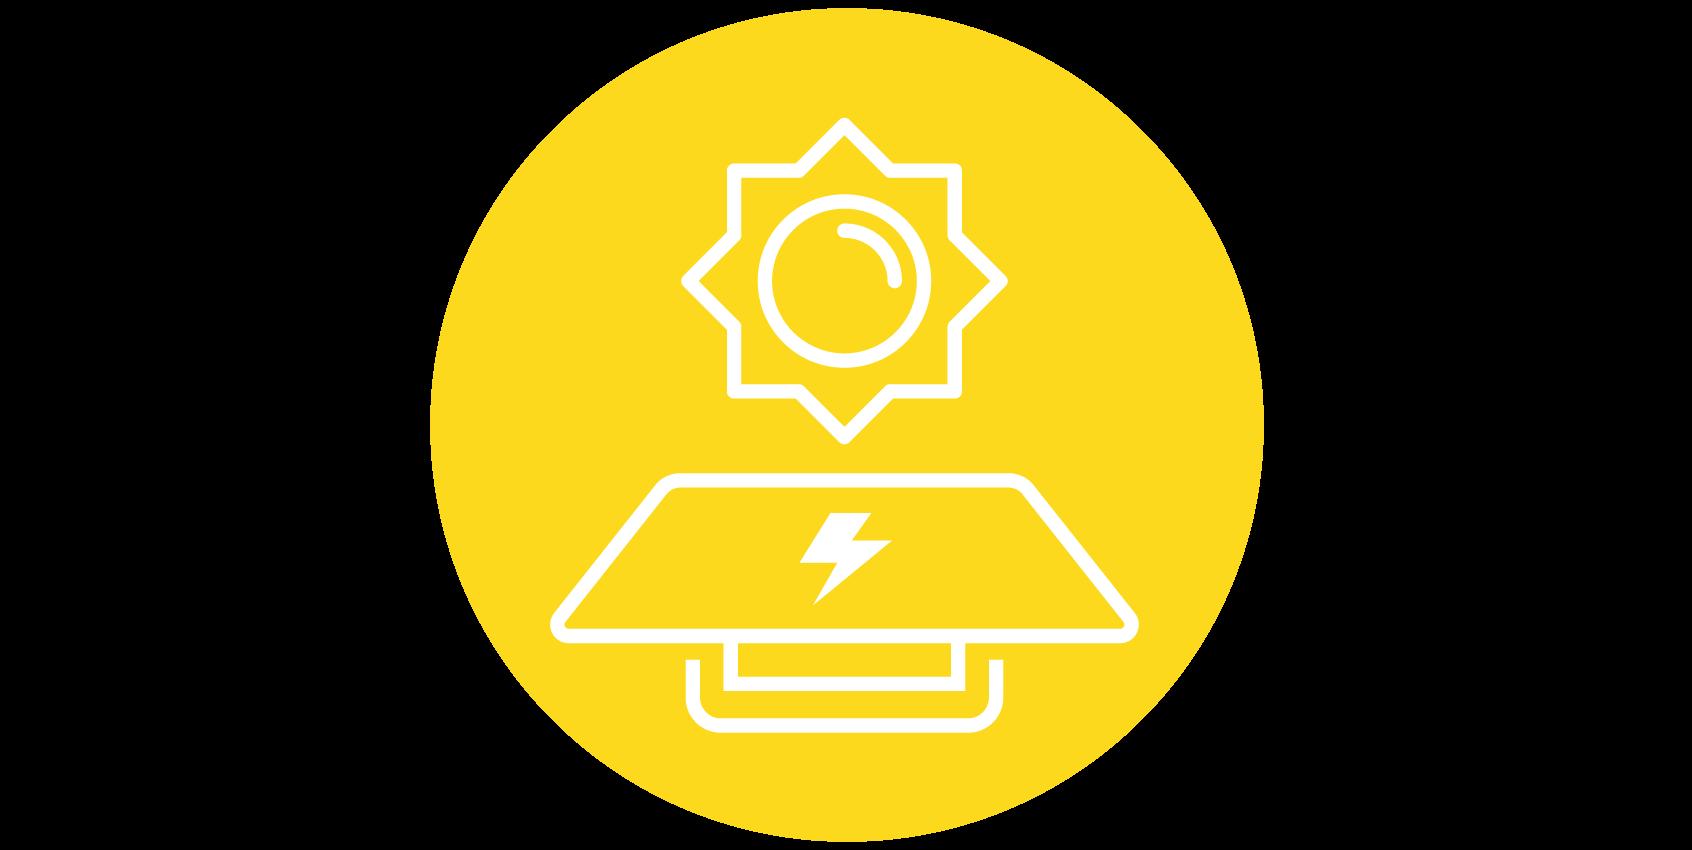 Solar_icon_clr.png